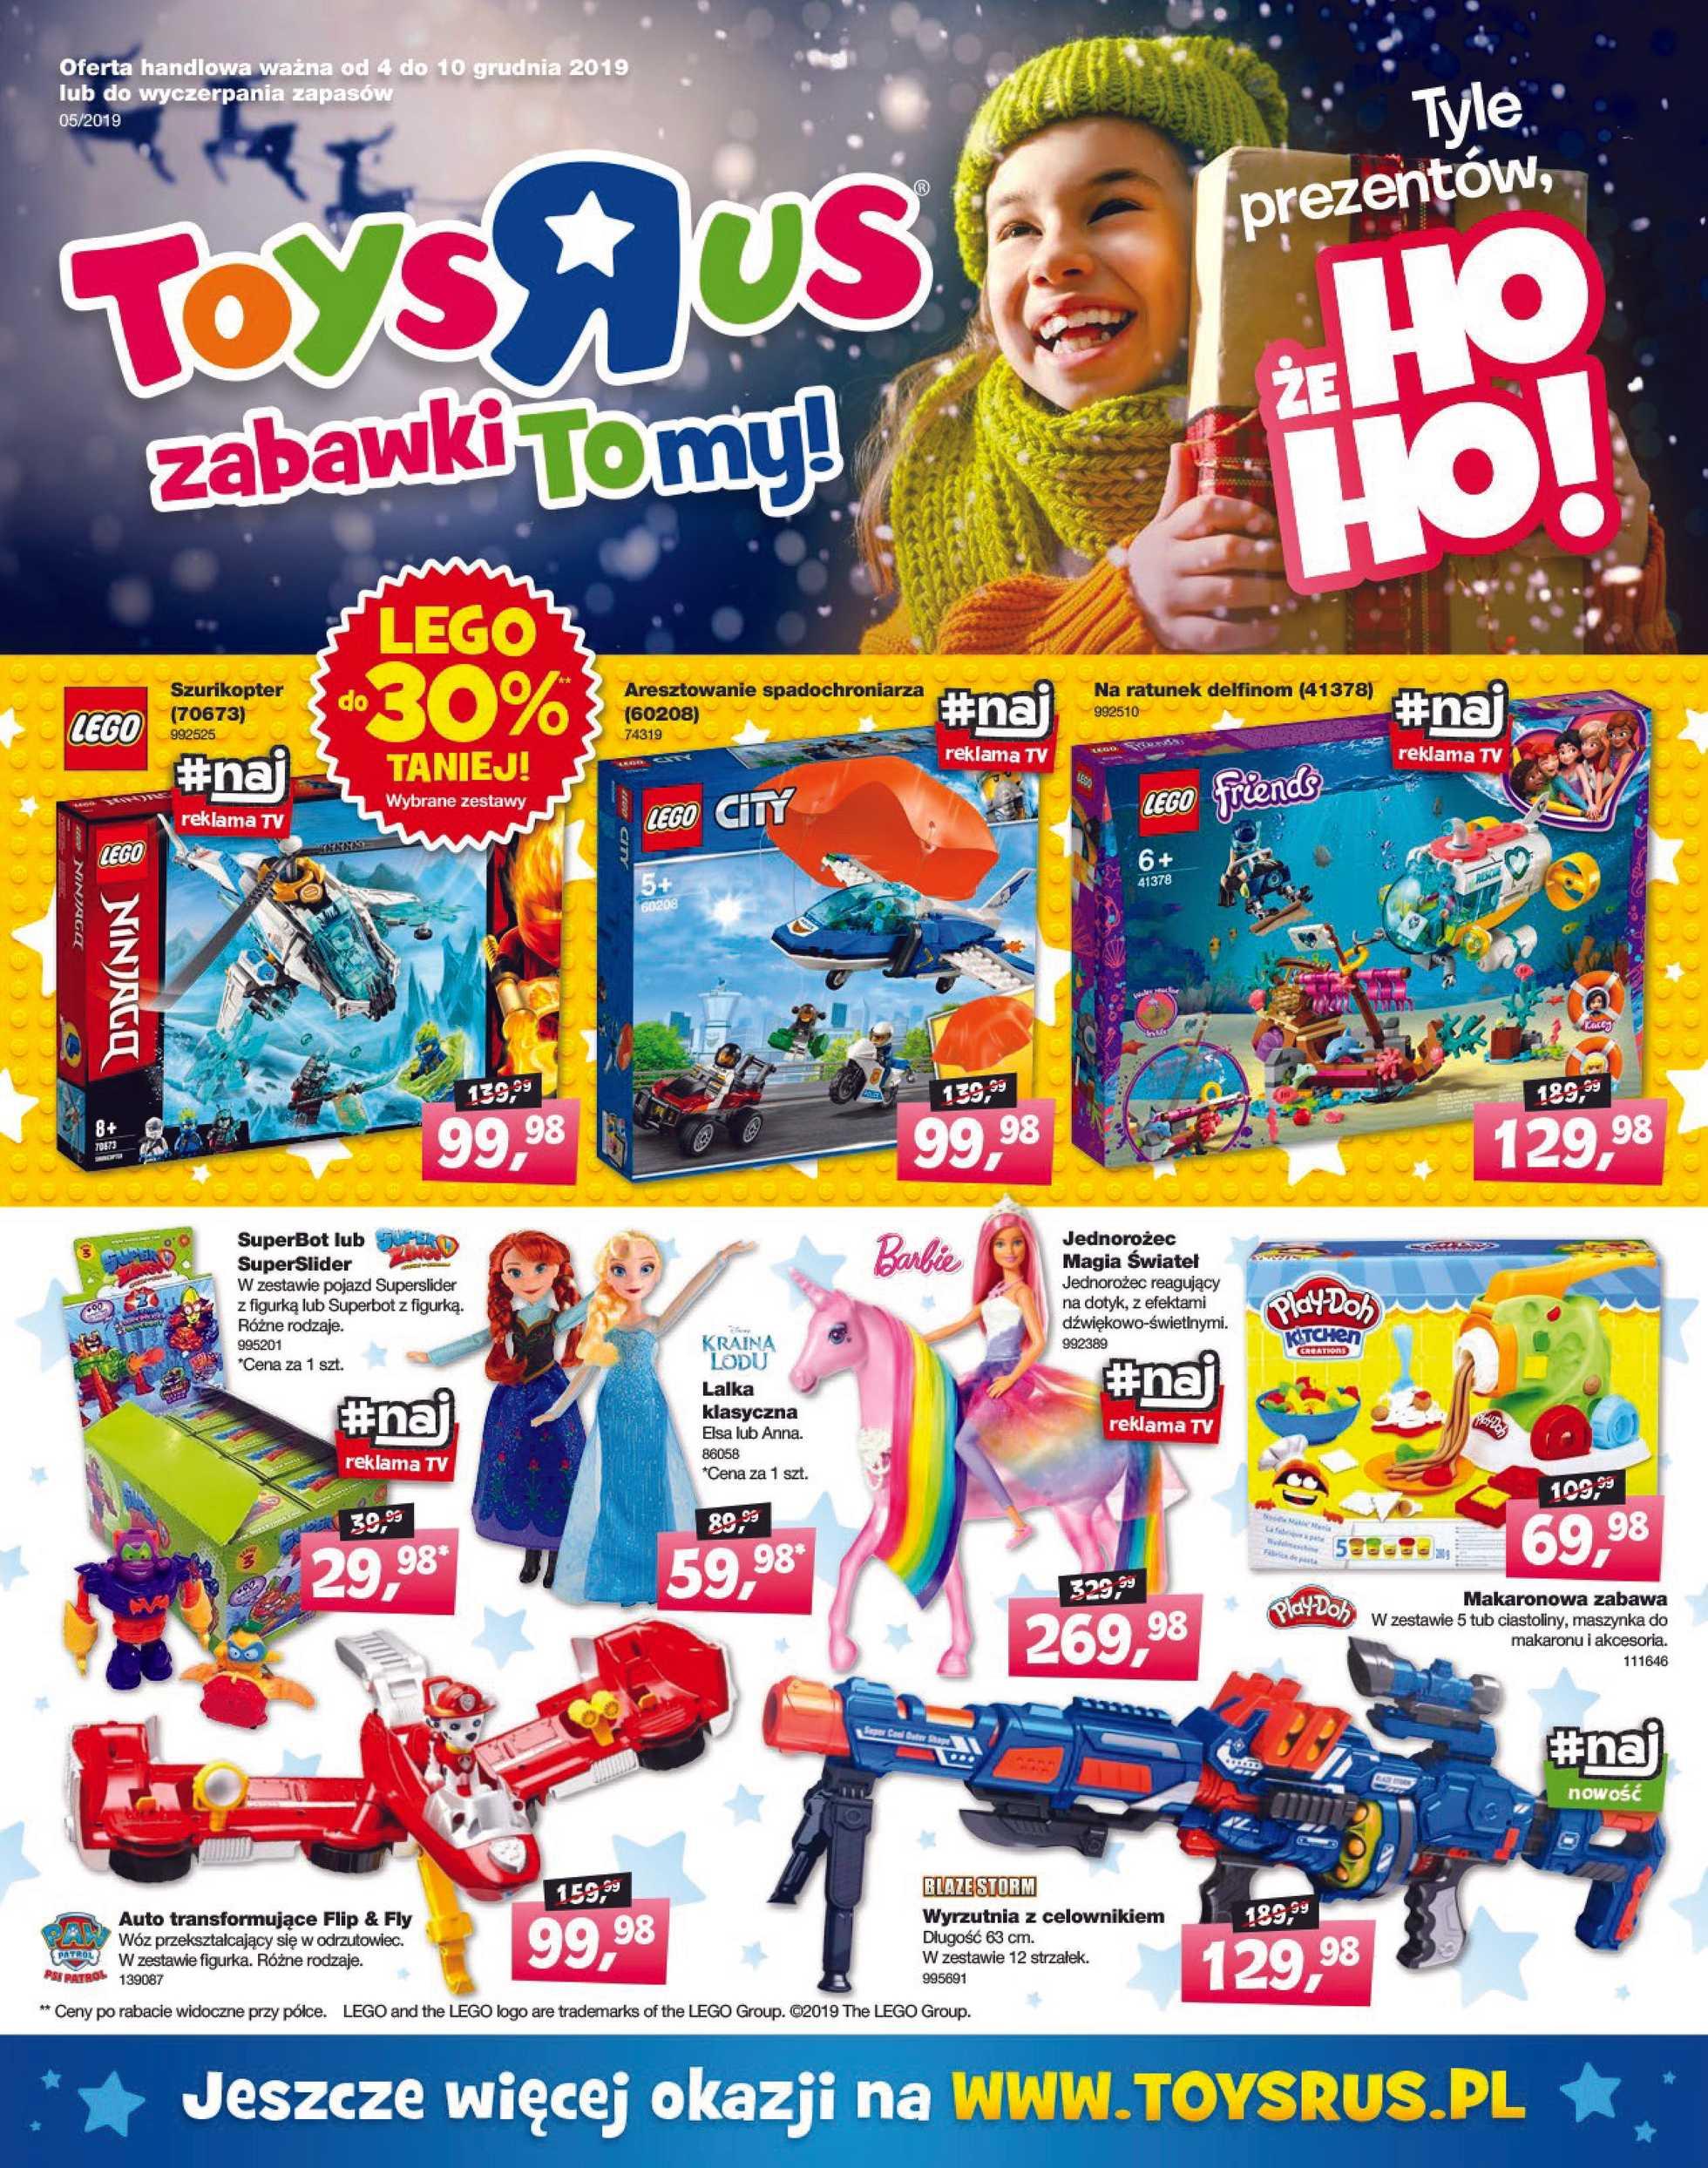 Toysrus - gazetka promocyjna ważna od 04.12.2019 do 10.12.2019 - strona 1.